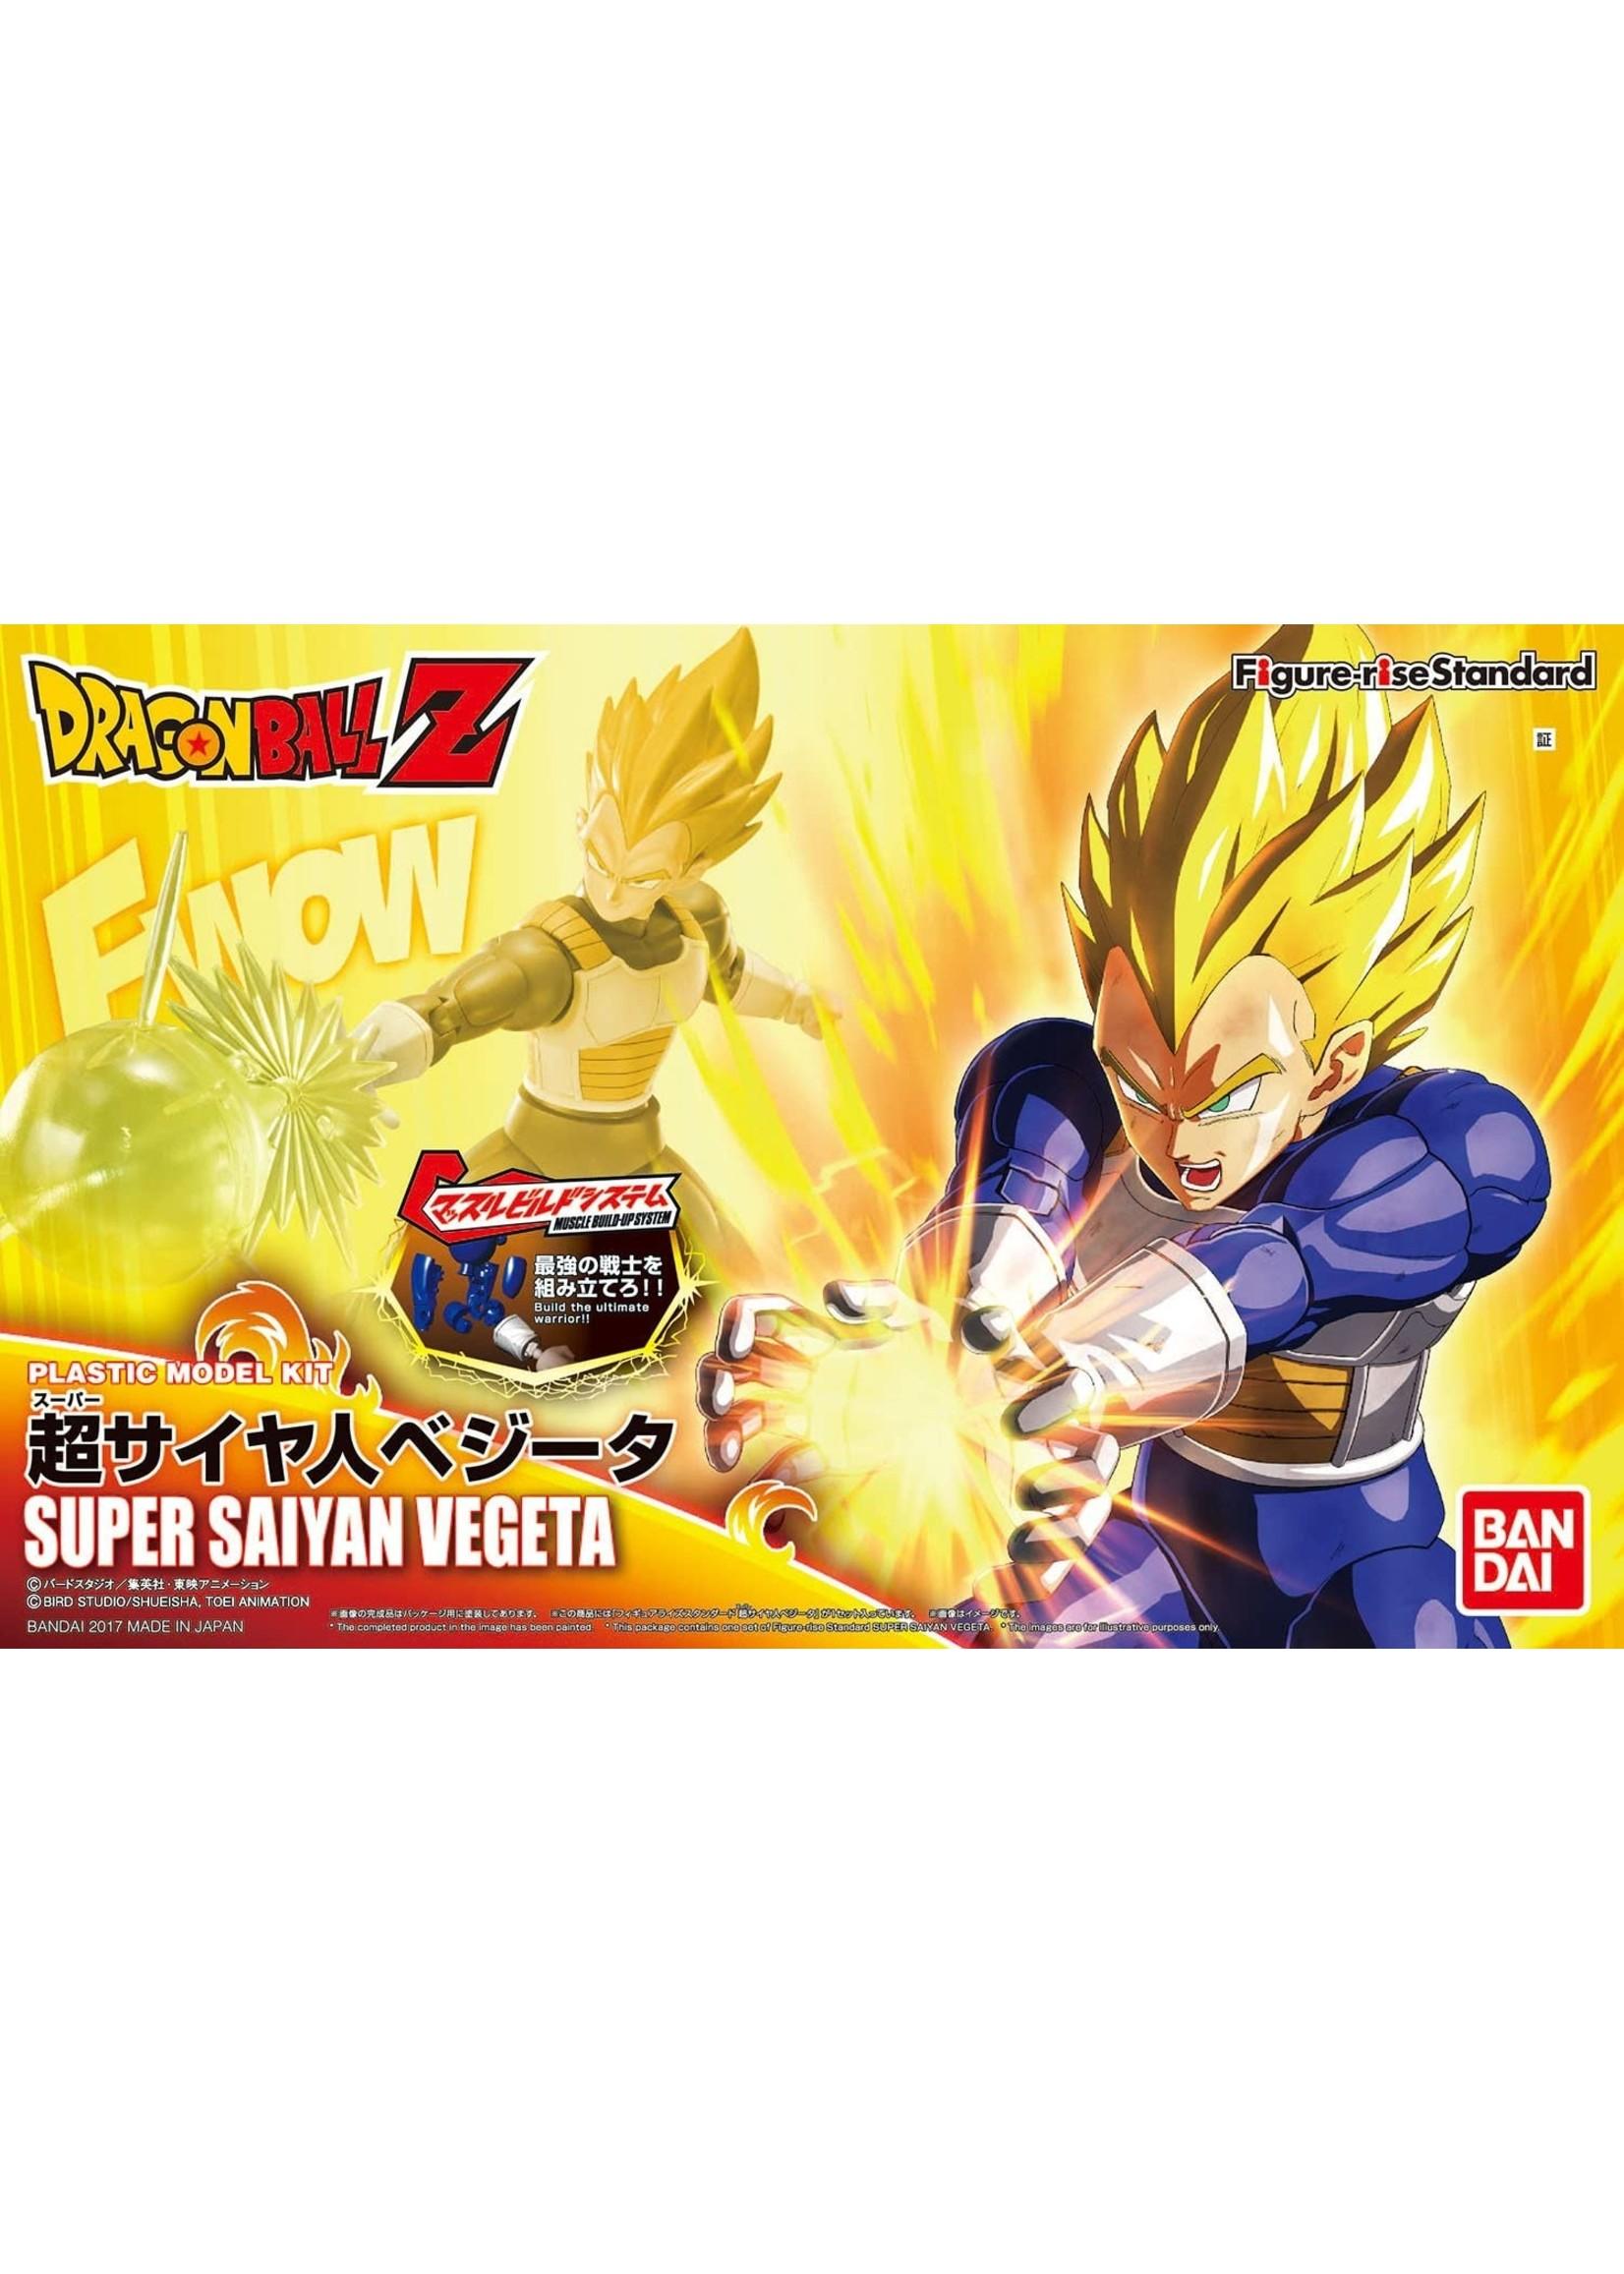 Super Saiyan Vegeta ''Dragon Ball Z'', Model Kit